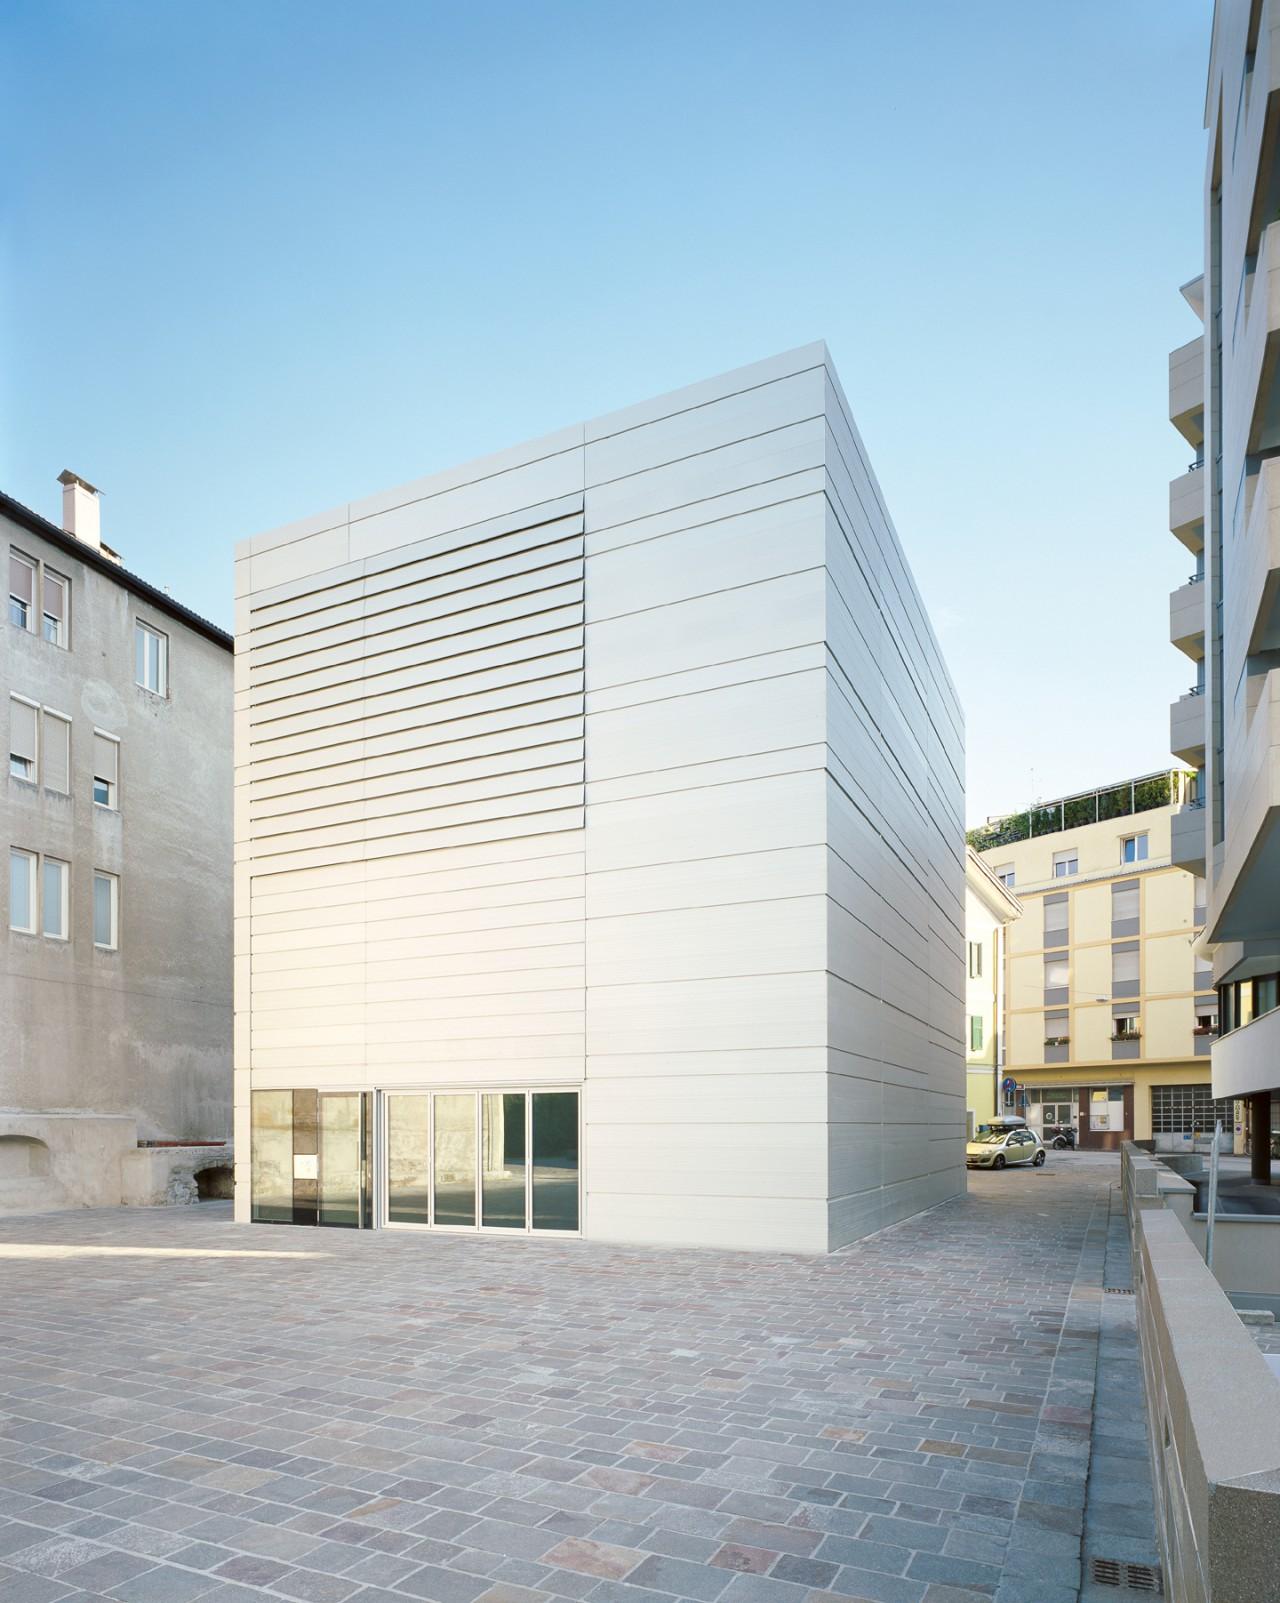 Kunsthalle Bozen Museion Atelier House